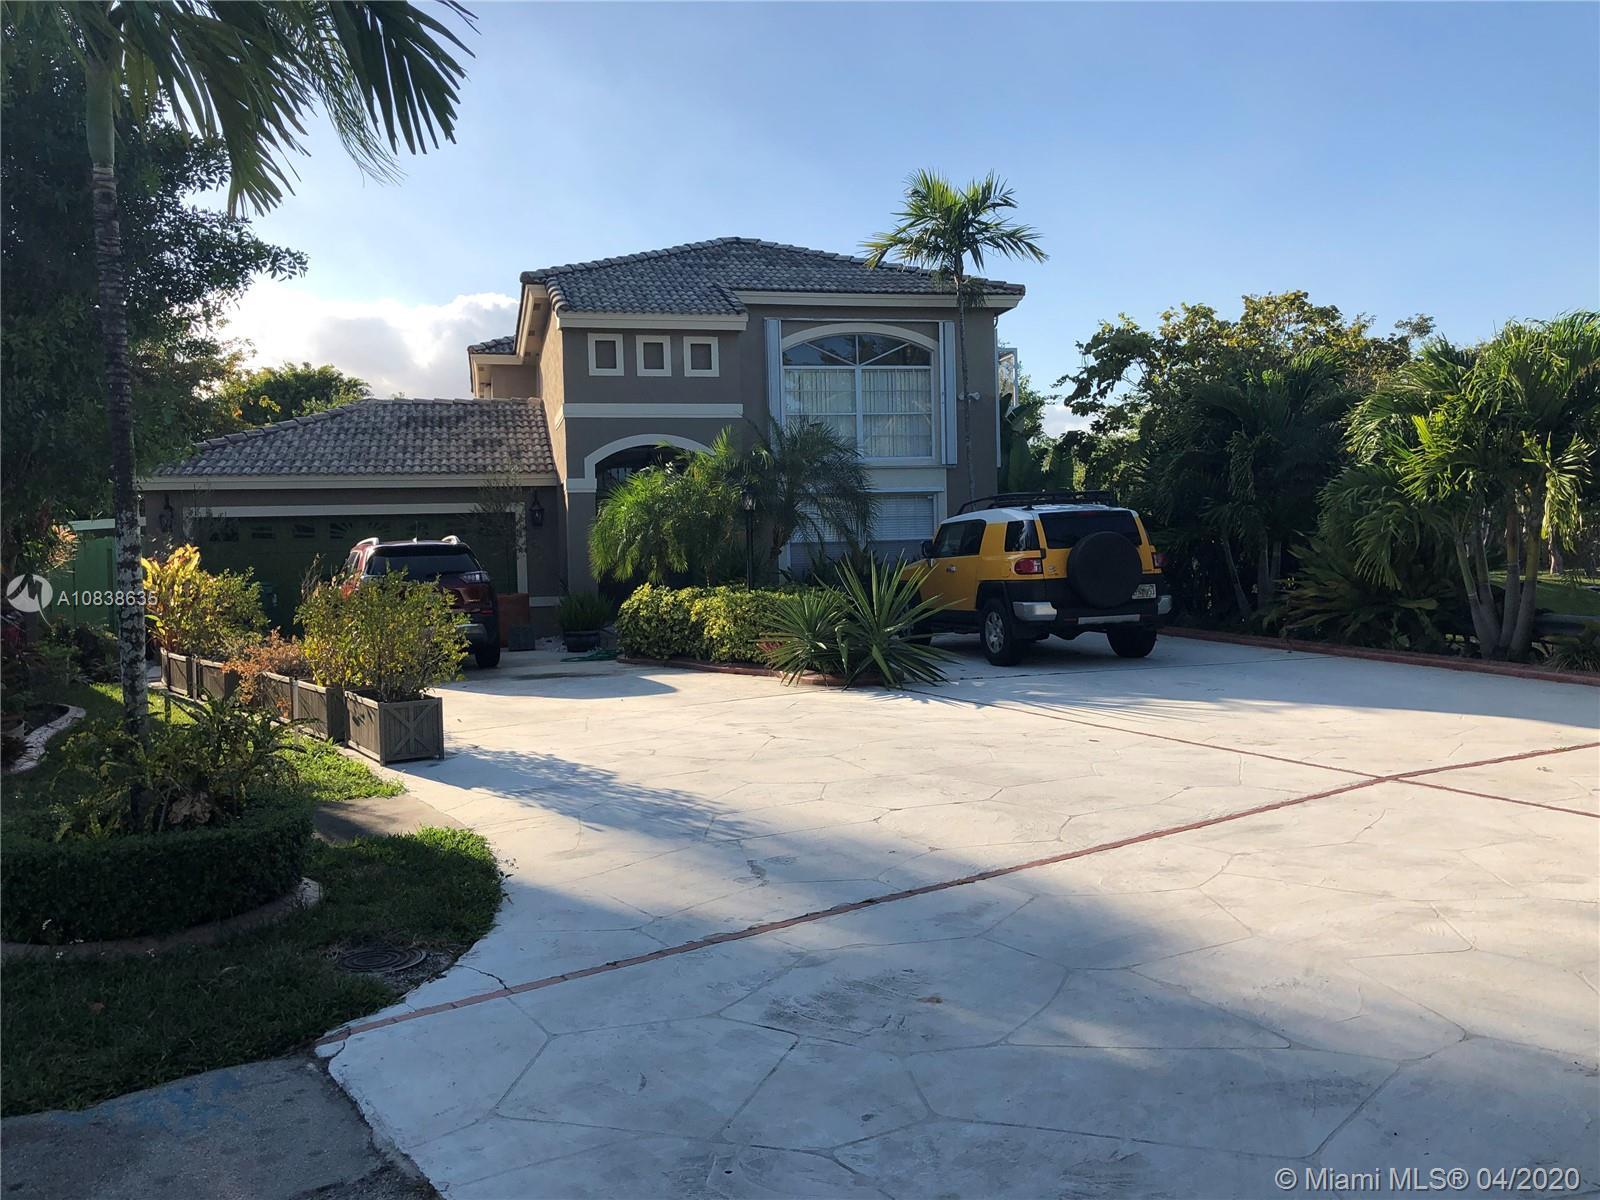 7770 SW 161st Pl, Miami, FL 33193